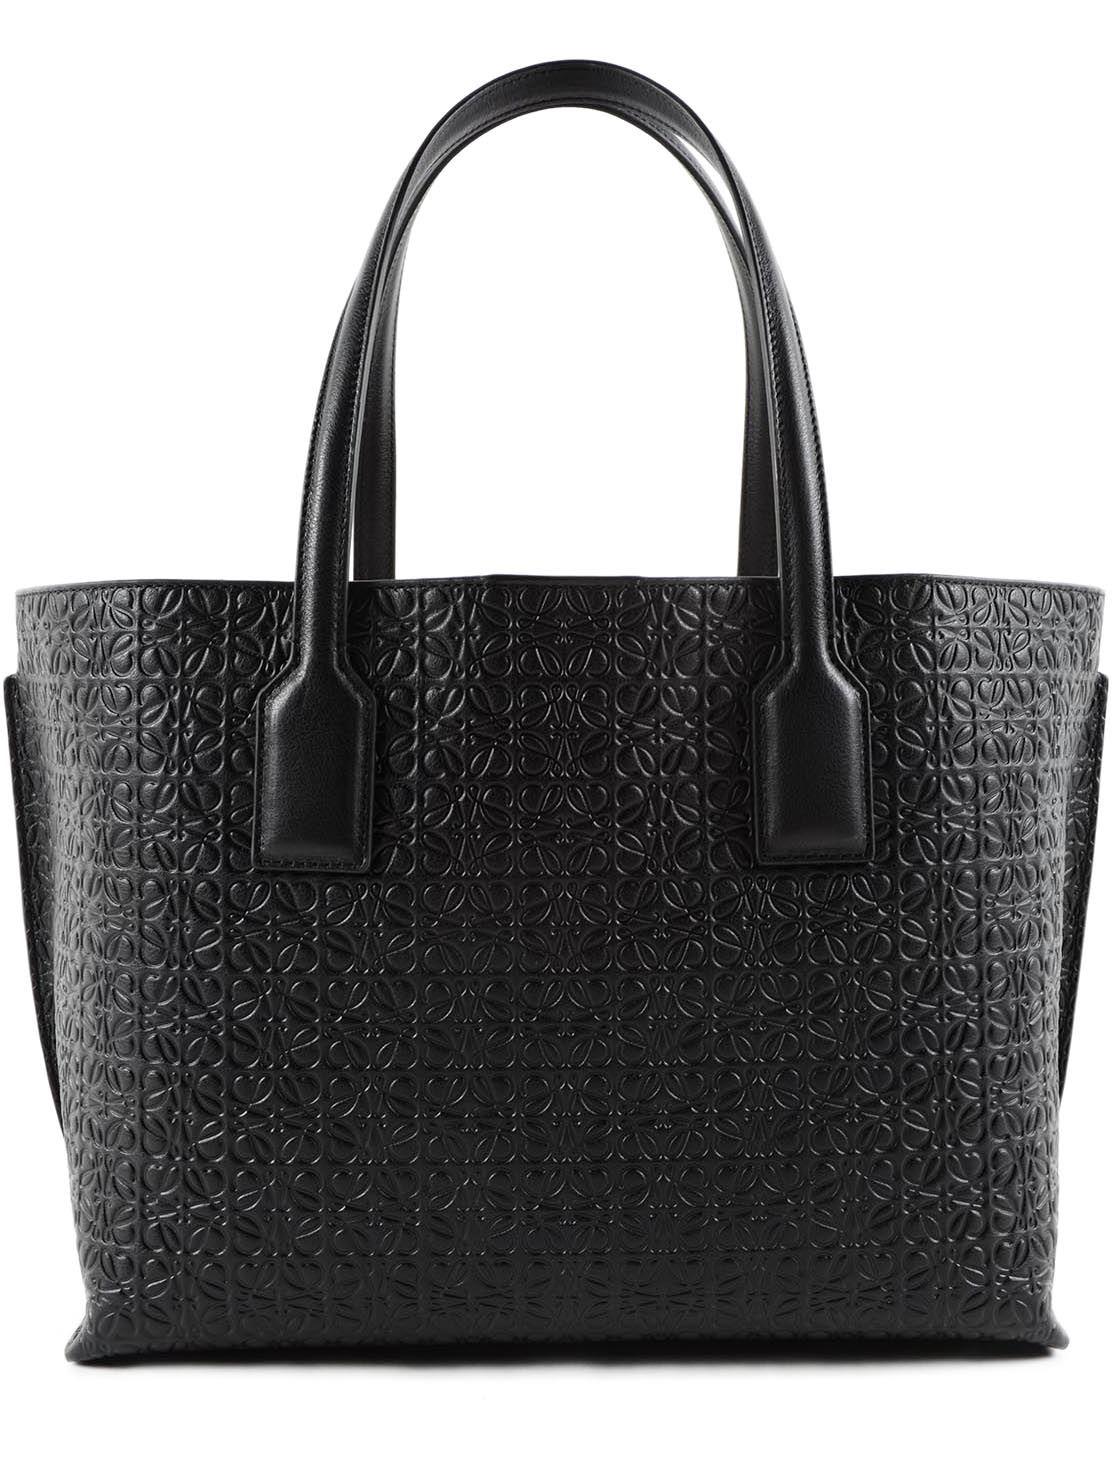 Loewe - Loewe T Shopper Bag